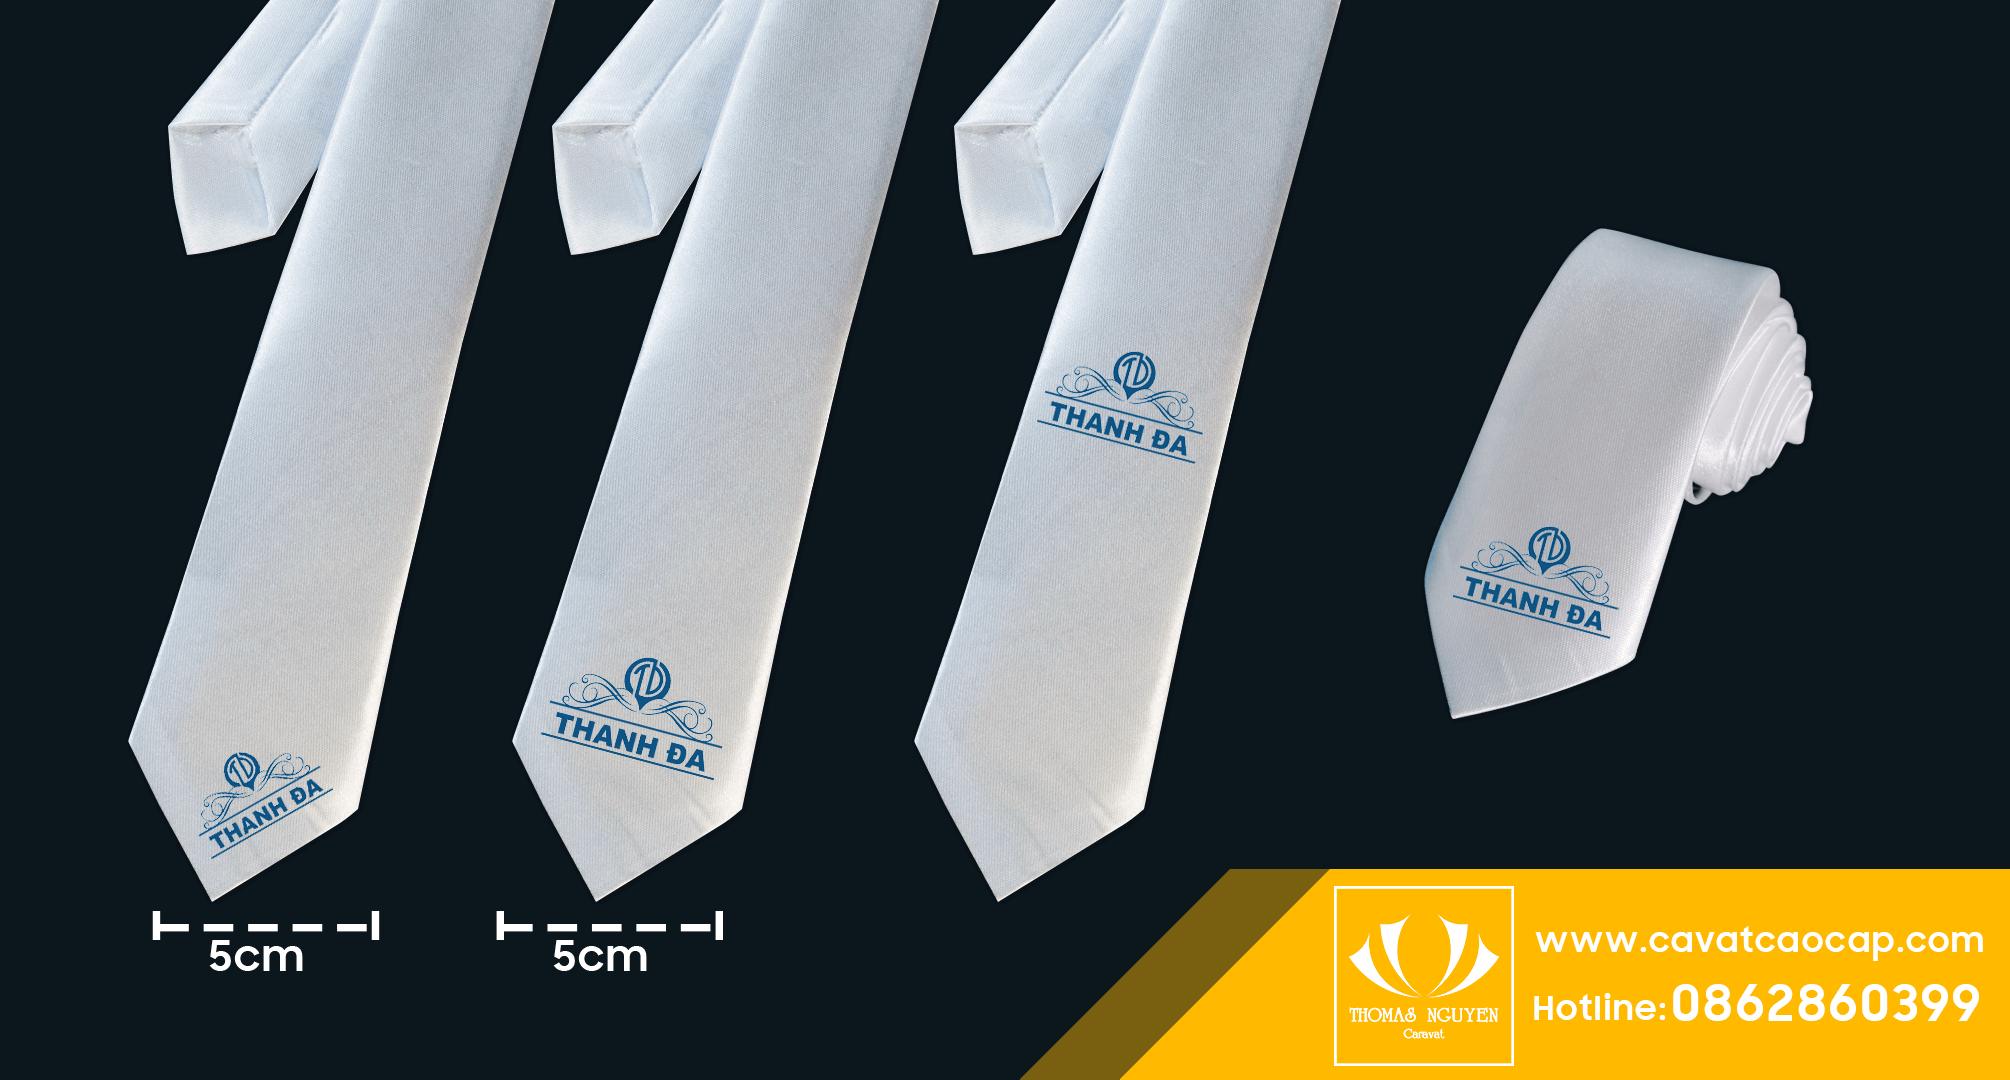 Cà vạt thêu logo công ty Thomas Nguyen